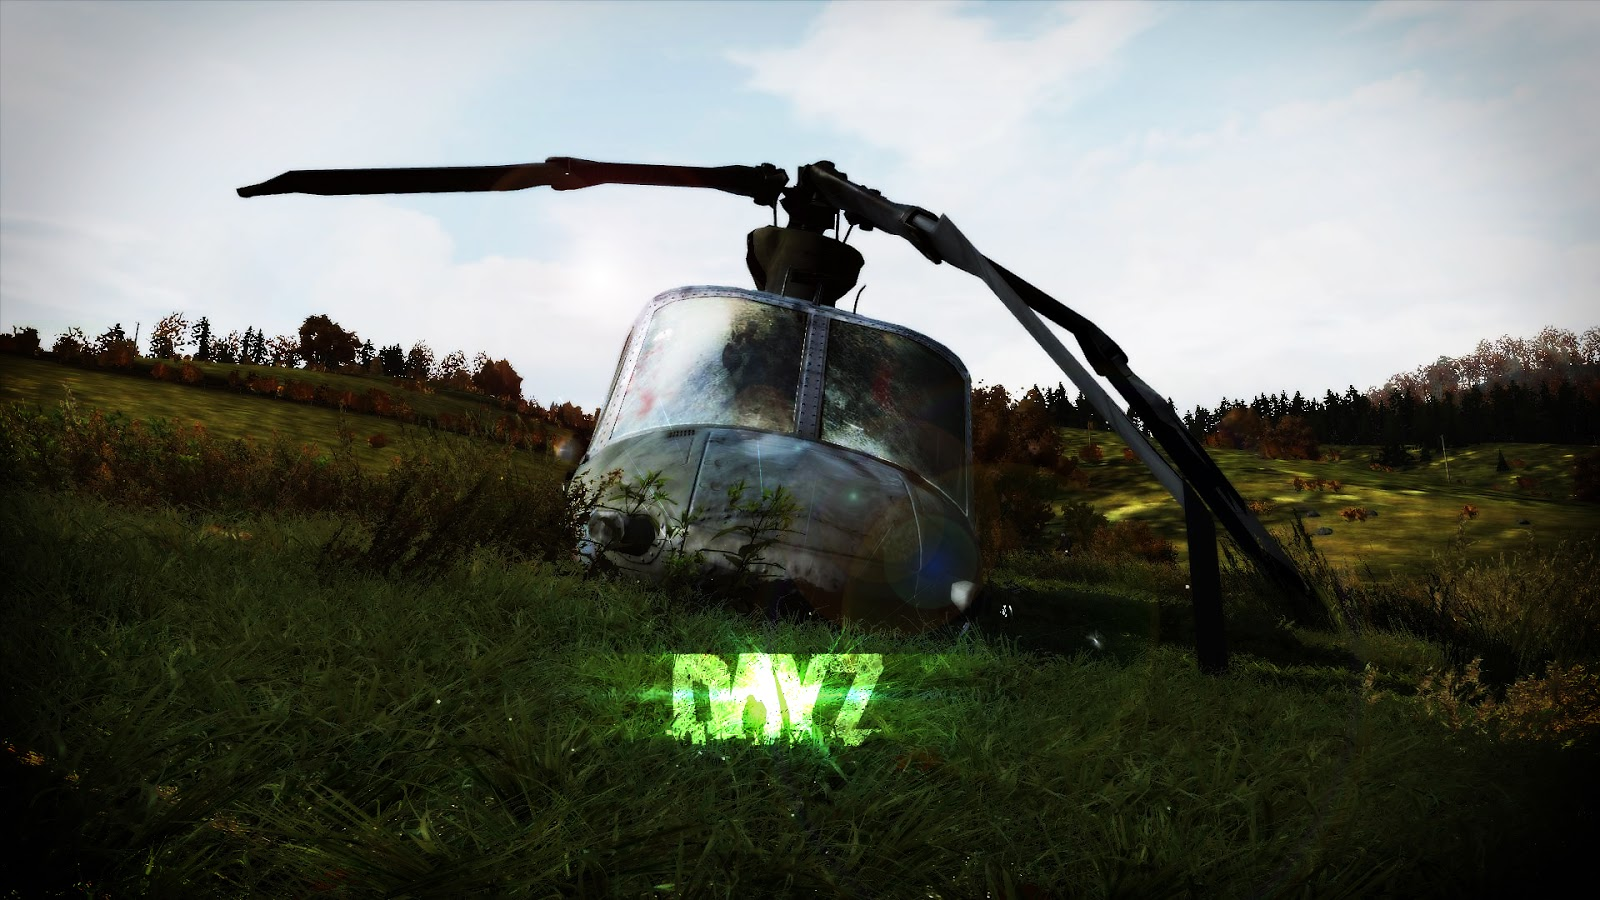 Arma 2 Mod DayZ (como instalar y jugar) + links (EDITADO)